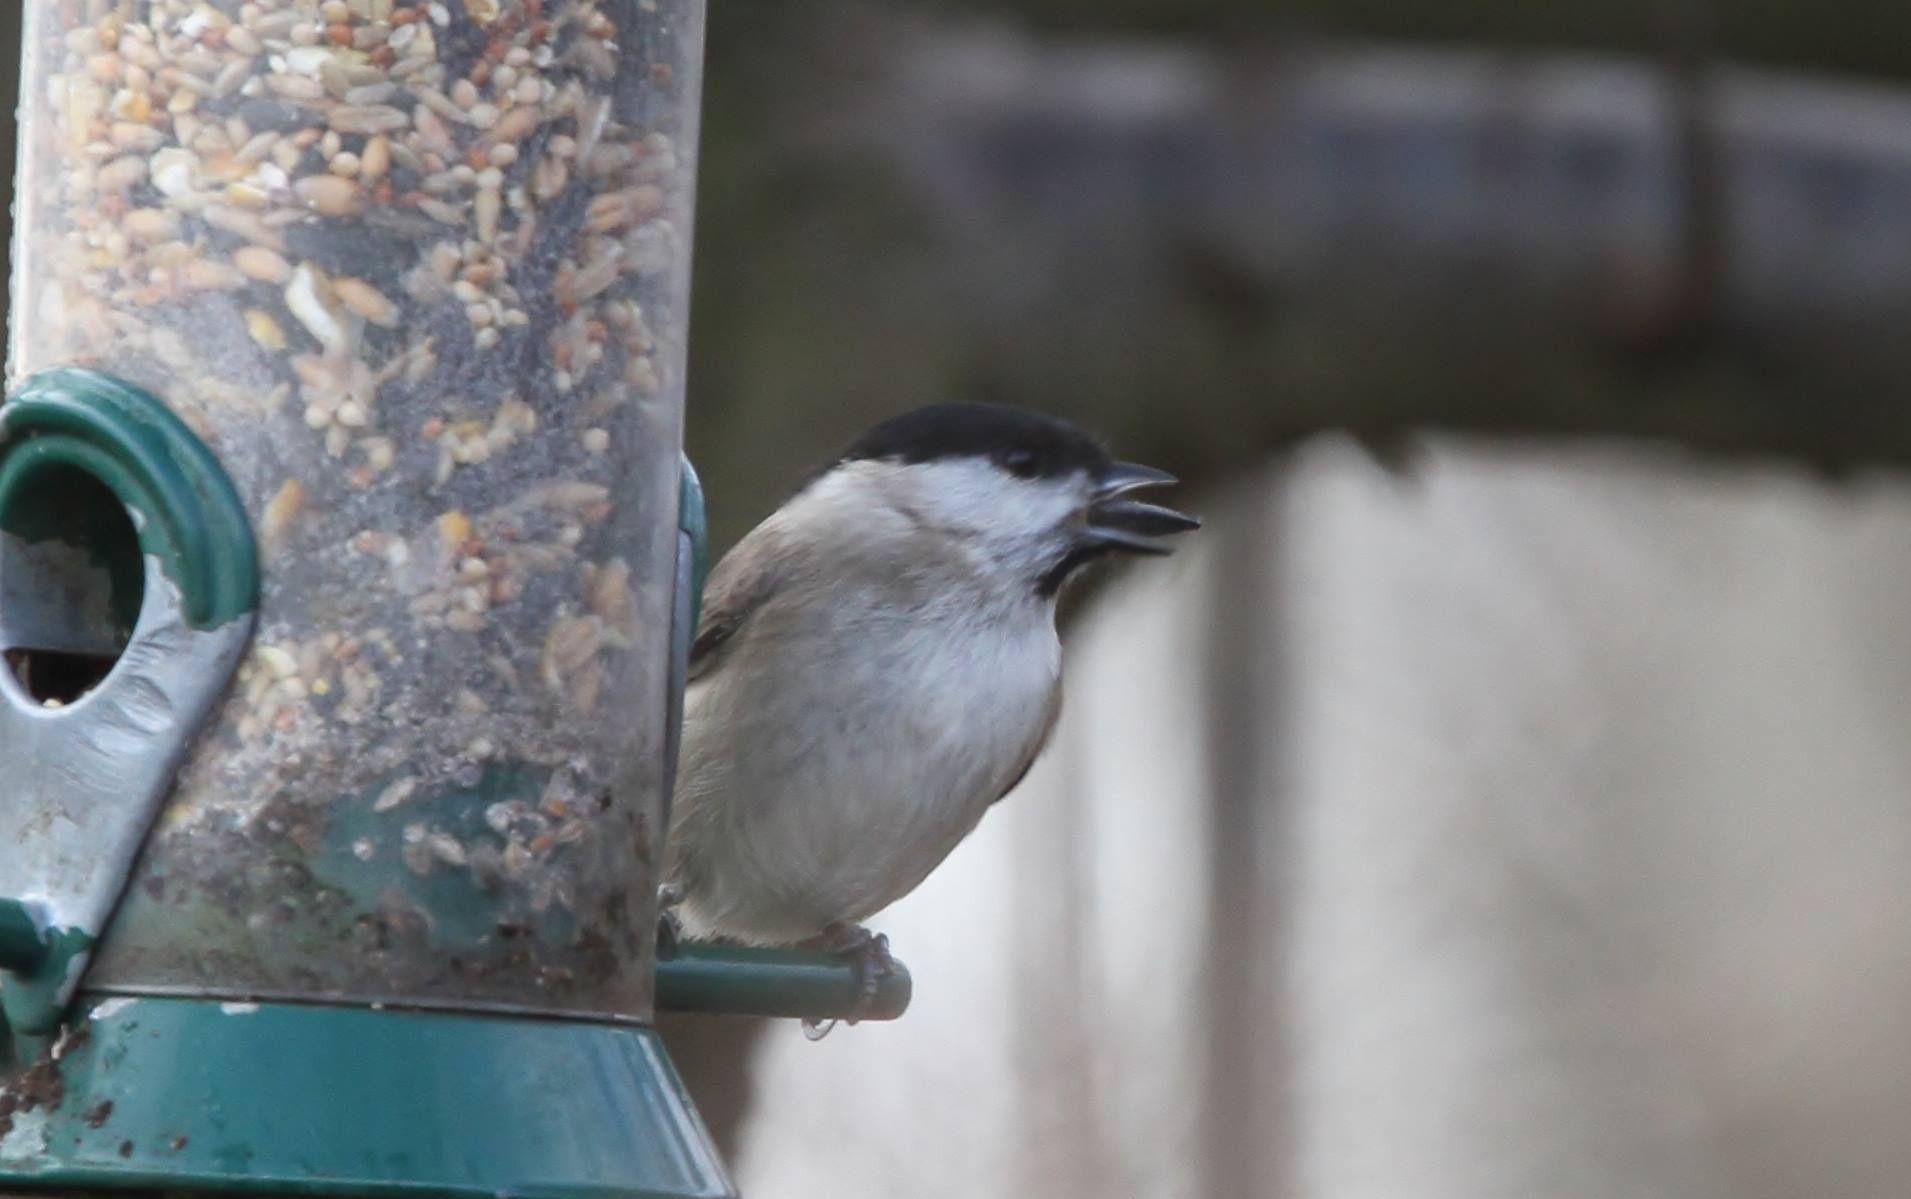 ecotough garden birds youtube wild watch ground covered feeder unlimited